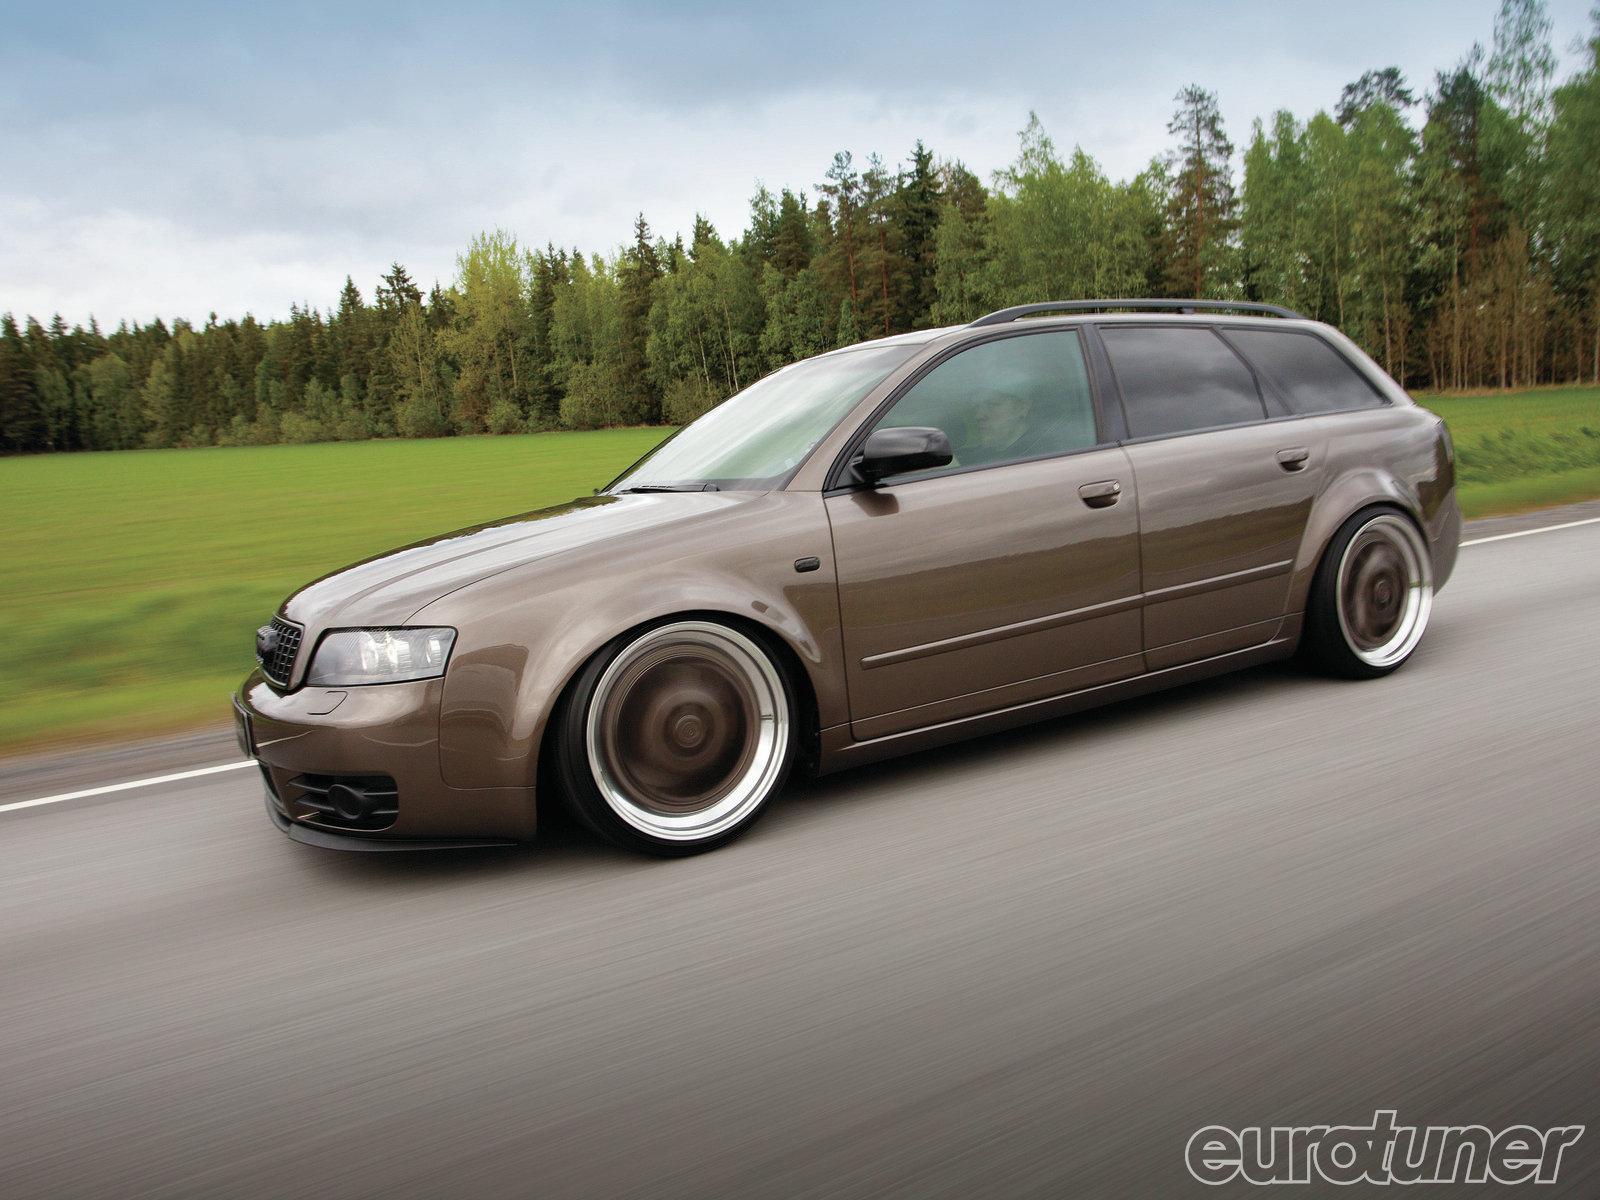 Kekurangan Audi A4 1.8 Turbo Murah Berkualitas